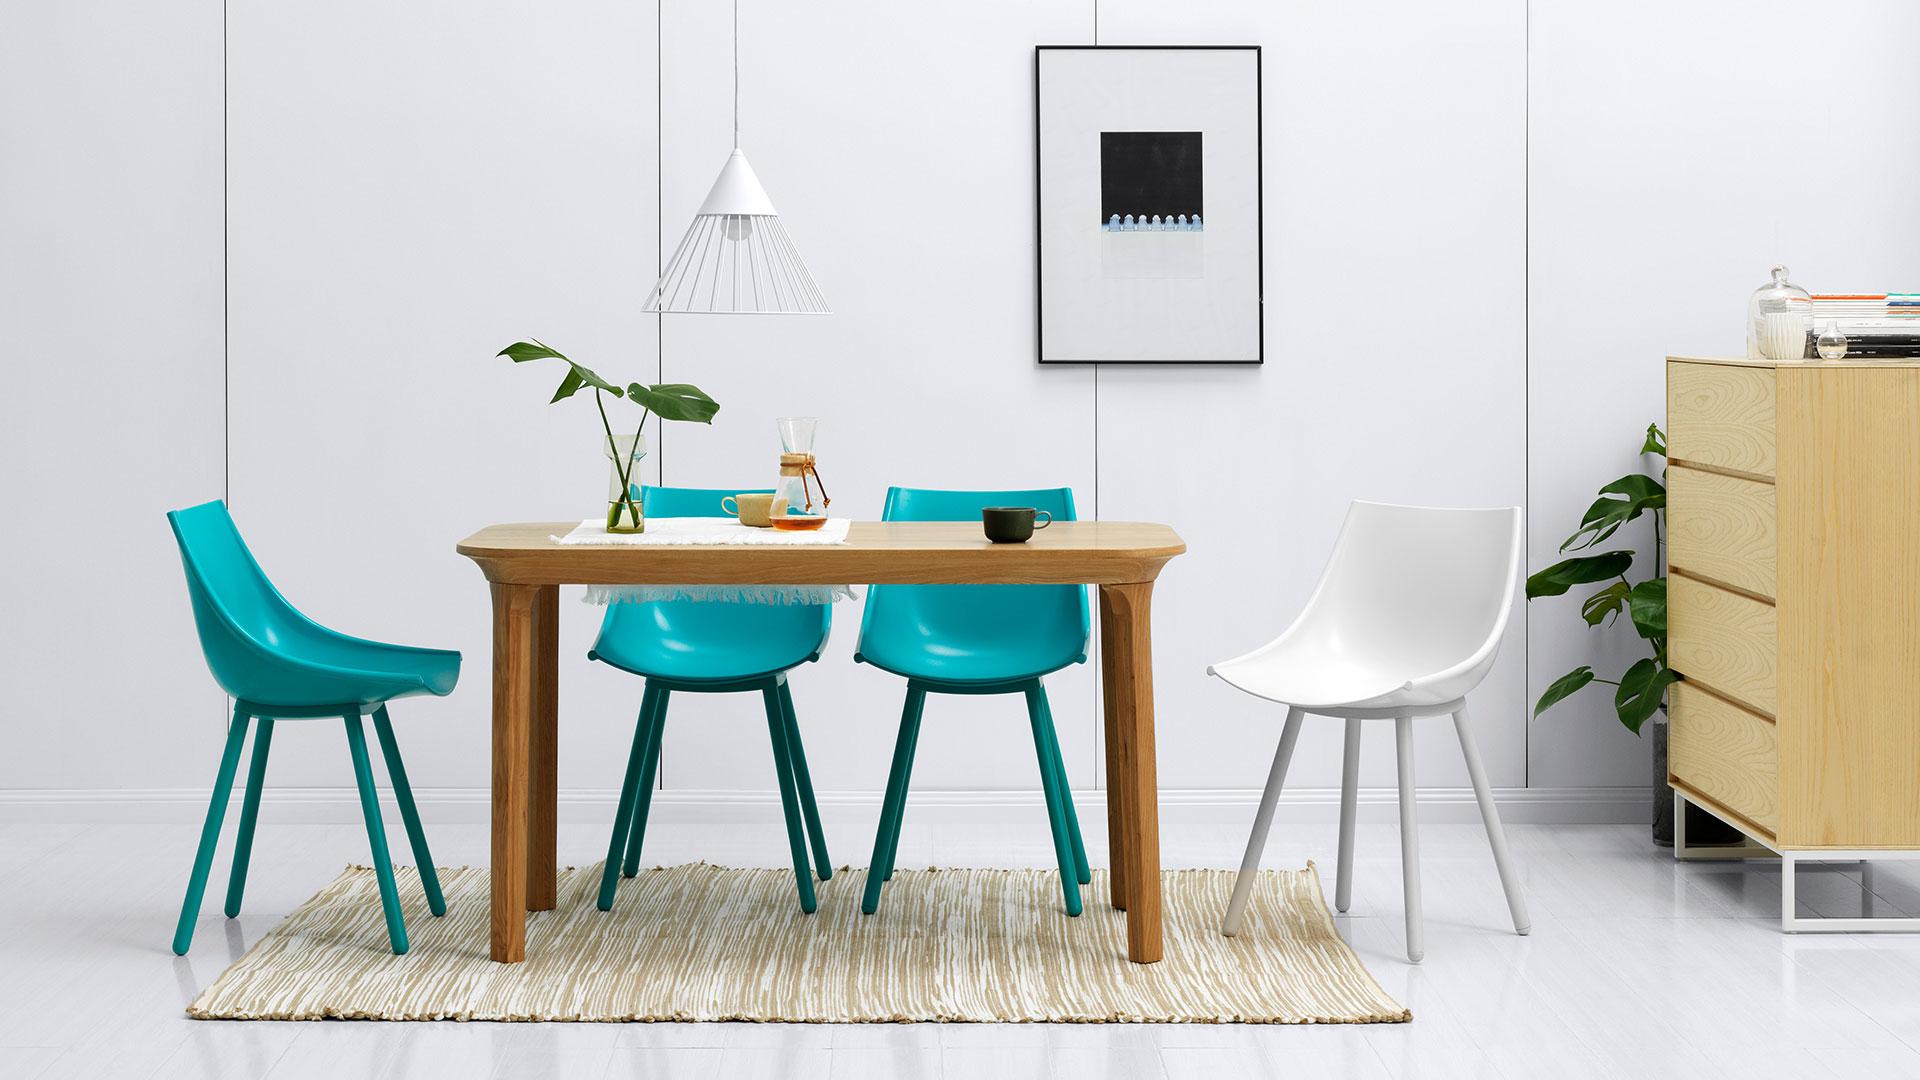 丝绸椅搭配木本色瓦檐餐桌,打造一处精致餐区,圆弧曲线相互呼应,一抹自然色提亮围坐氛围,用餐仪式立添清新。?x-oss-process=image/format,jpg/interlace,1